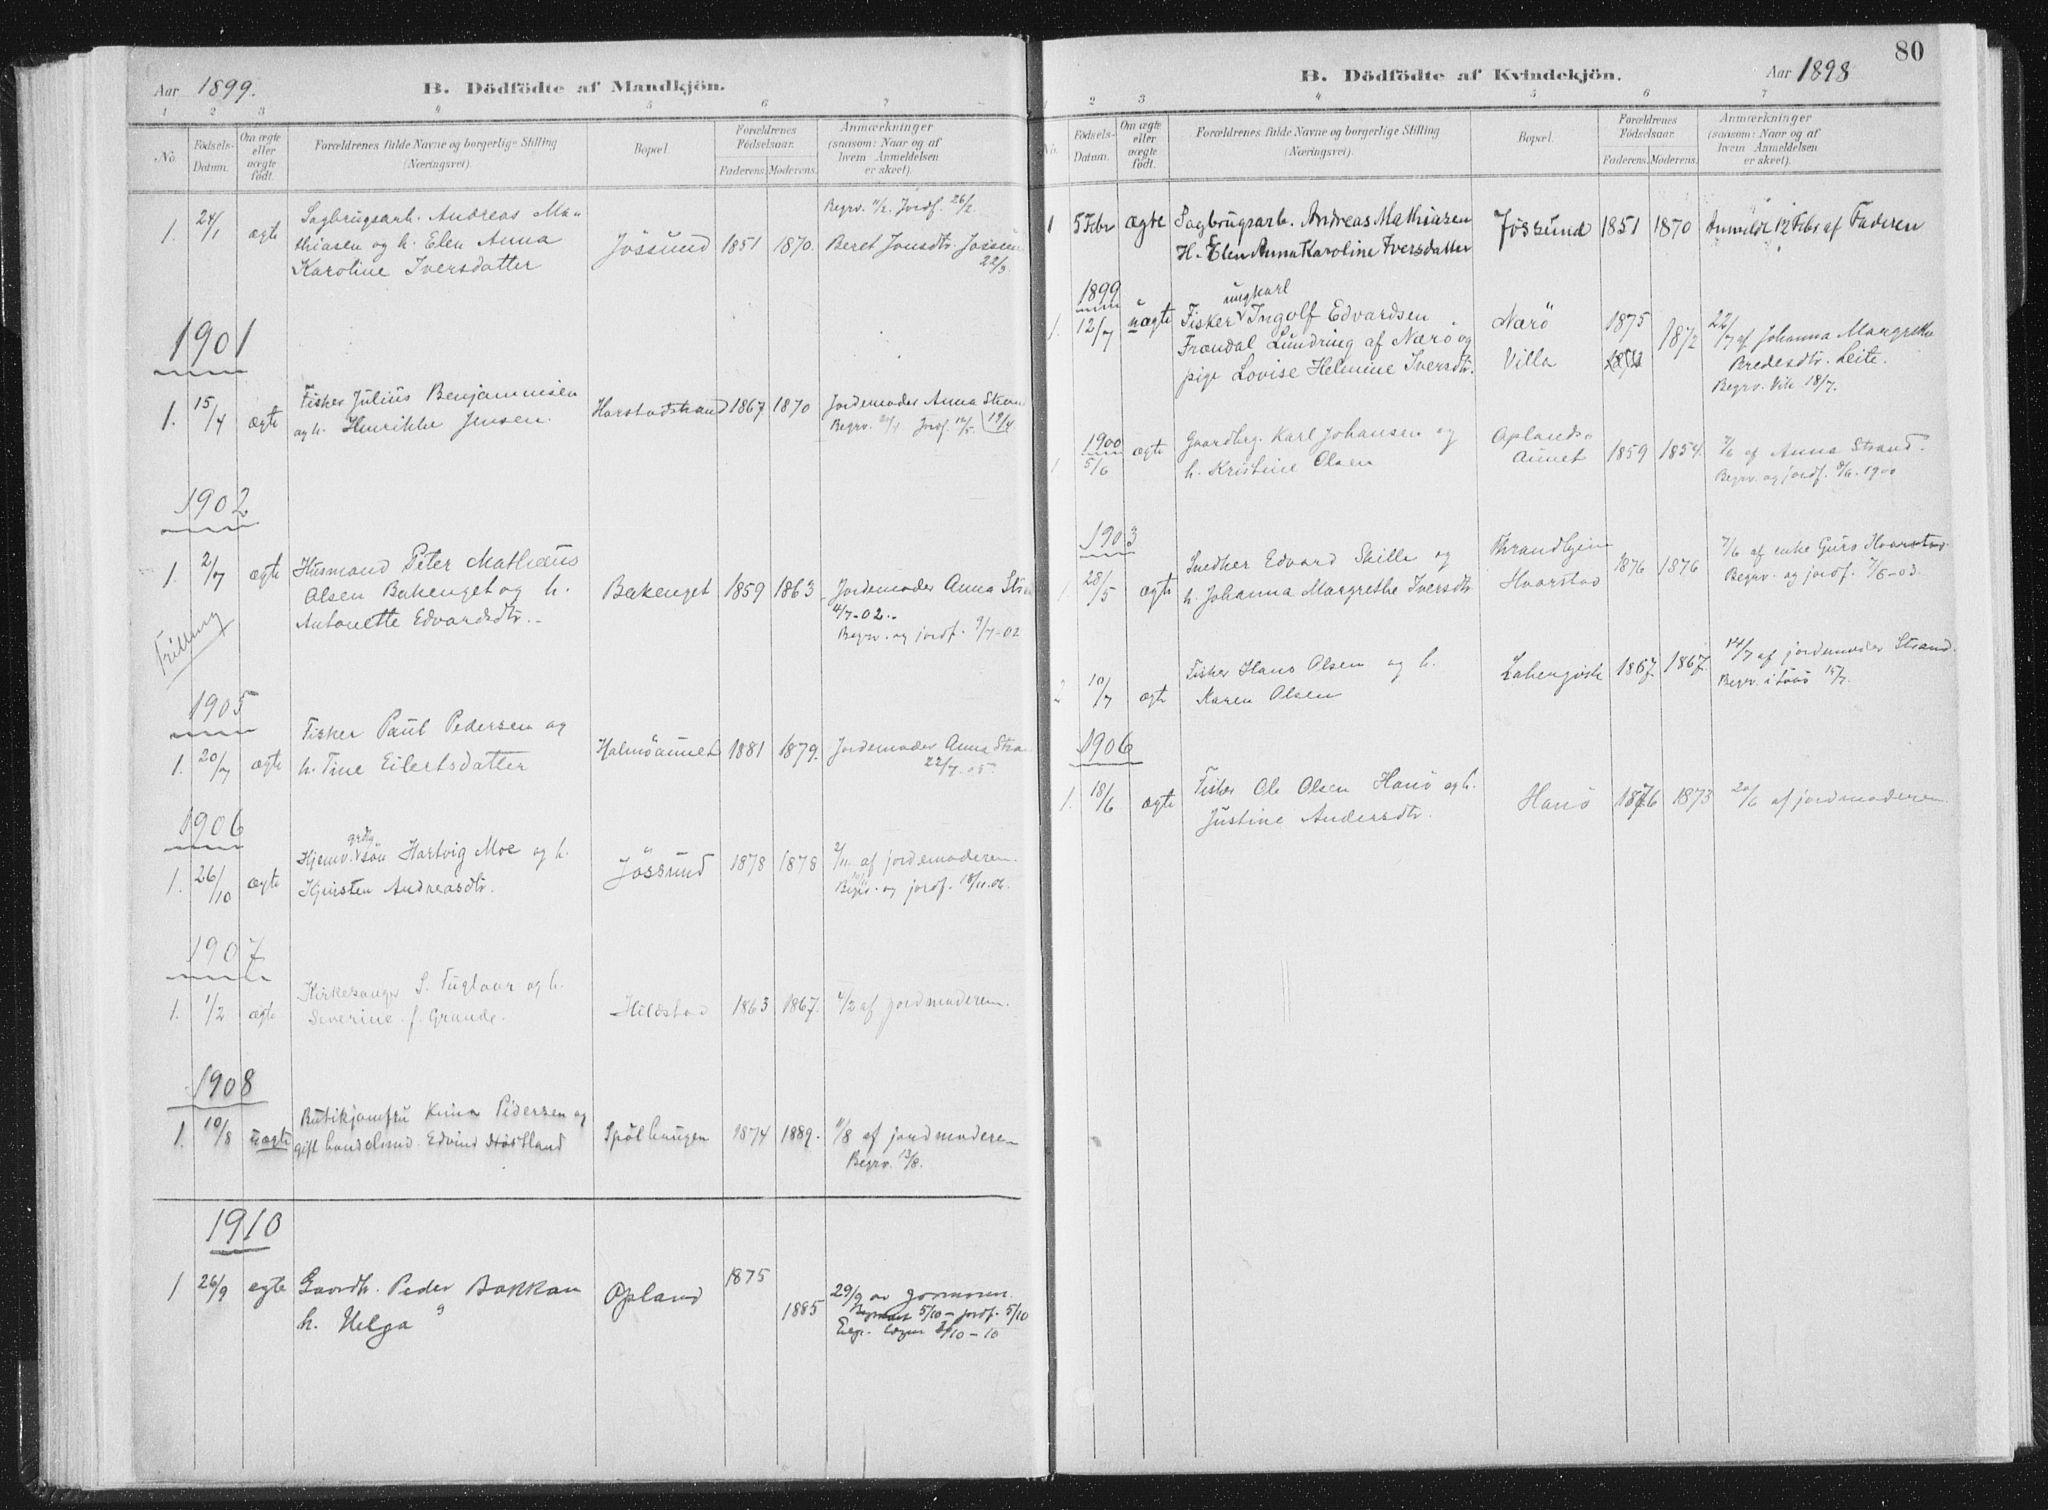 SAT, Ministerialprotokoller, klokkerbøker og fødselsregistre - Nord-Trøndelag, 771/L0597: Ministerialbok nr. 771A04, 1885-1910, s. 80